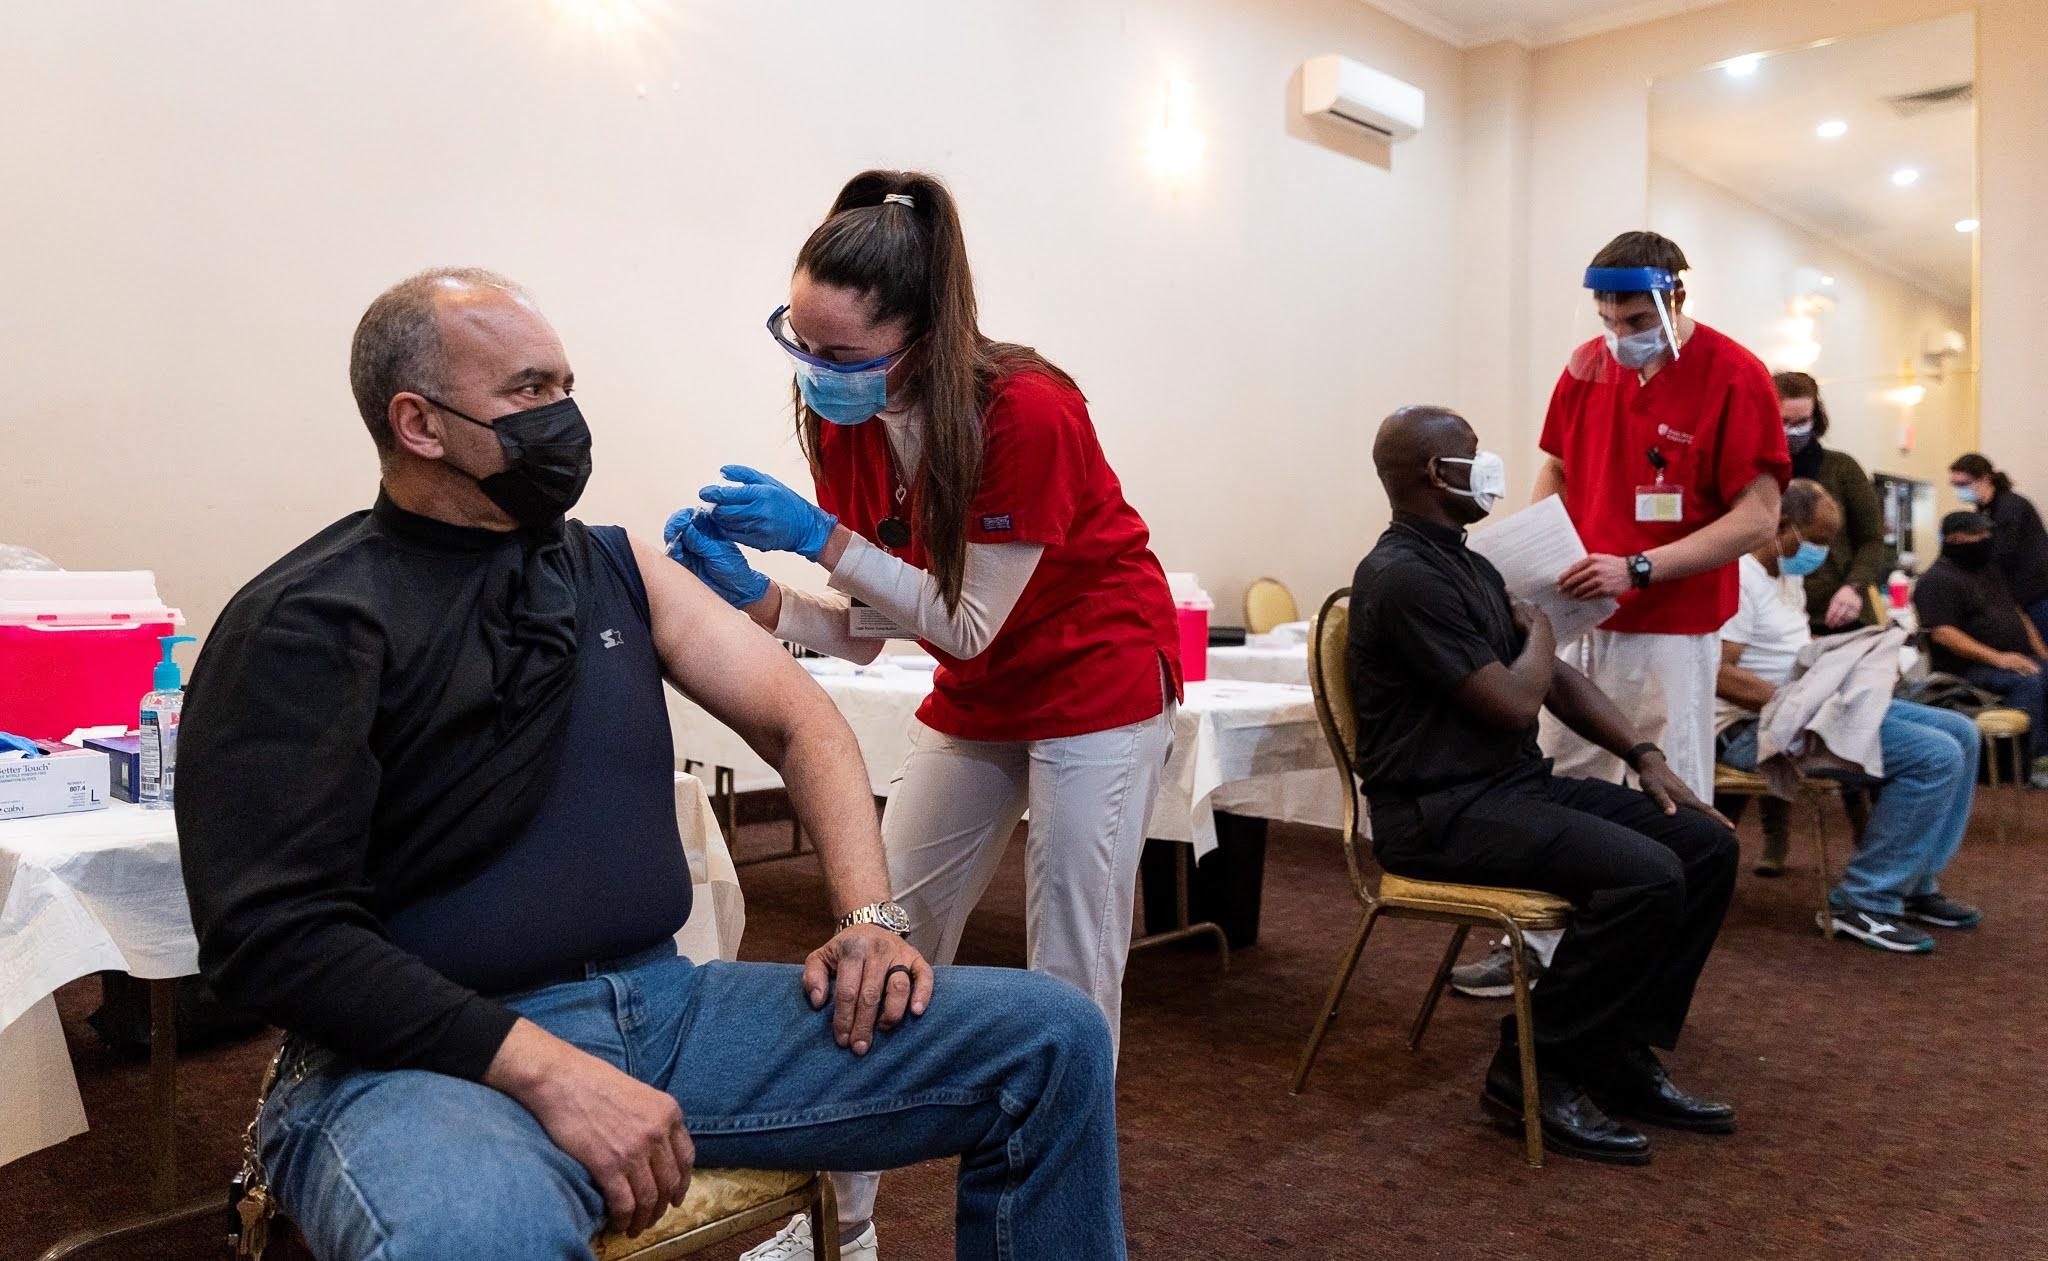 La nueva guía de los CDC para los vacunados: Pueden visitar a familiares y amigos no vacunados, pero un hogar a la vez